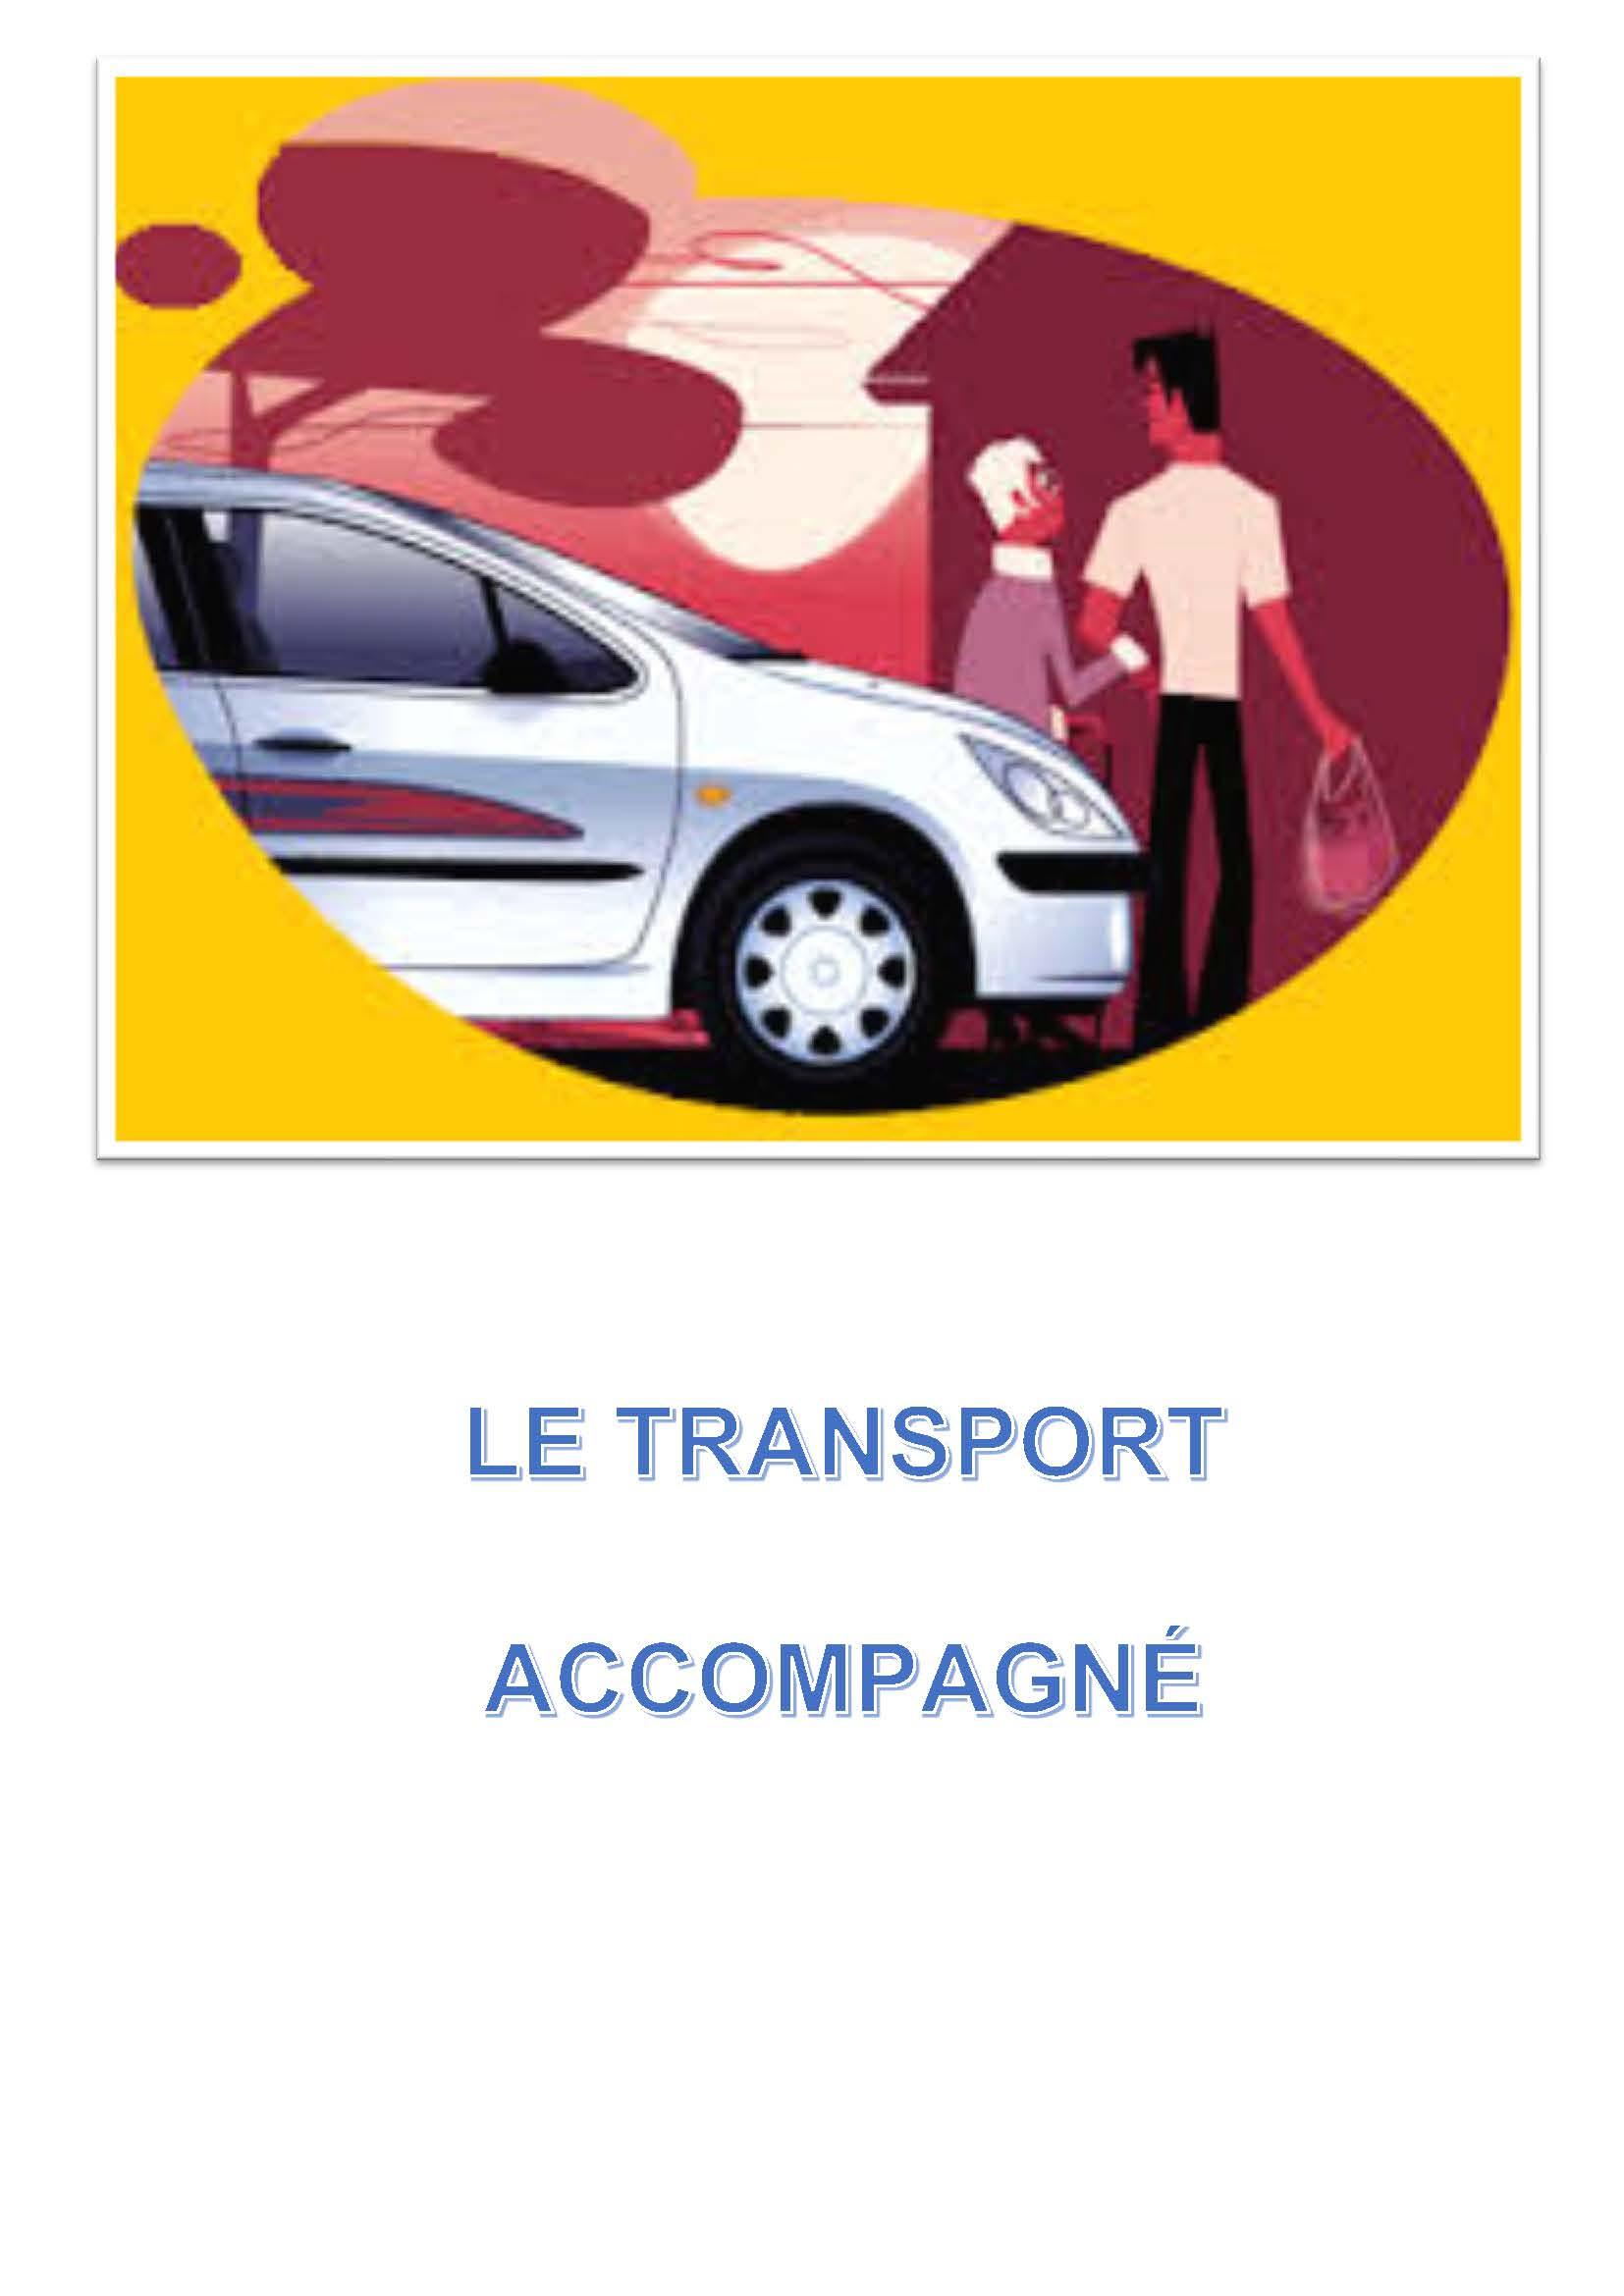 Couverture Livret Transport